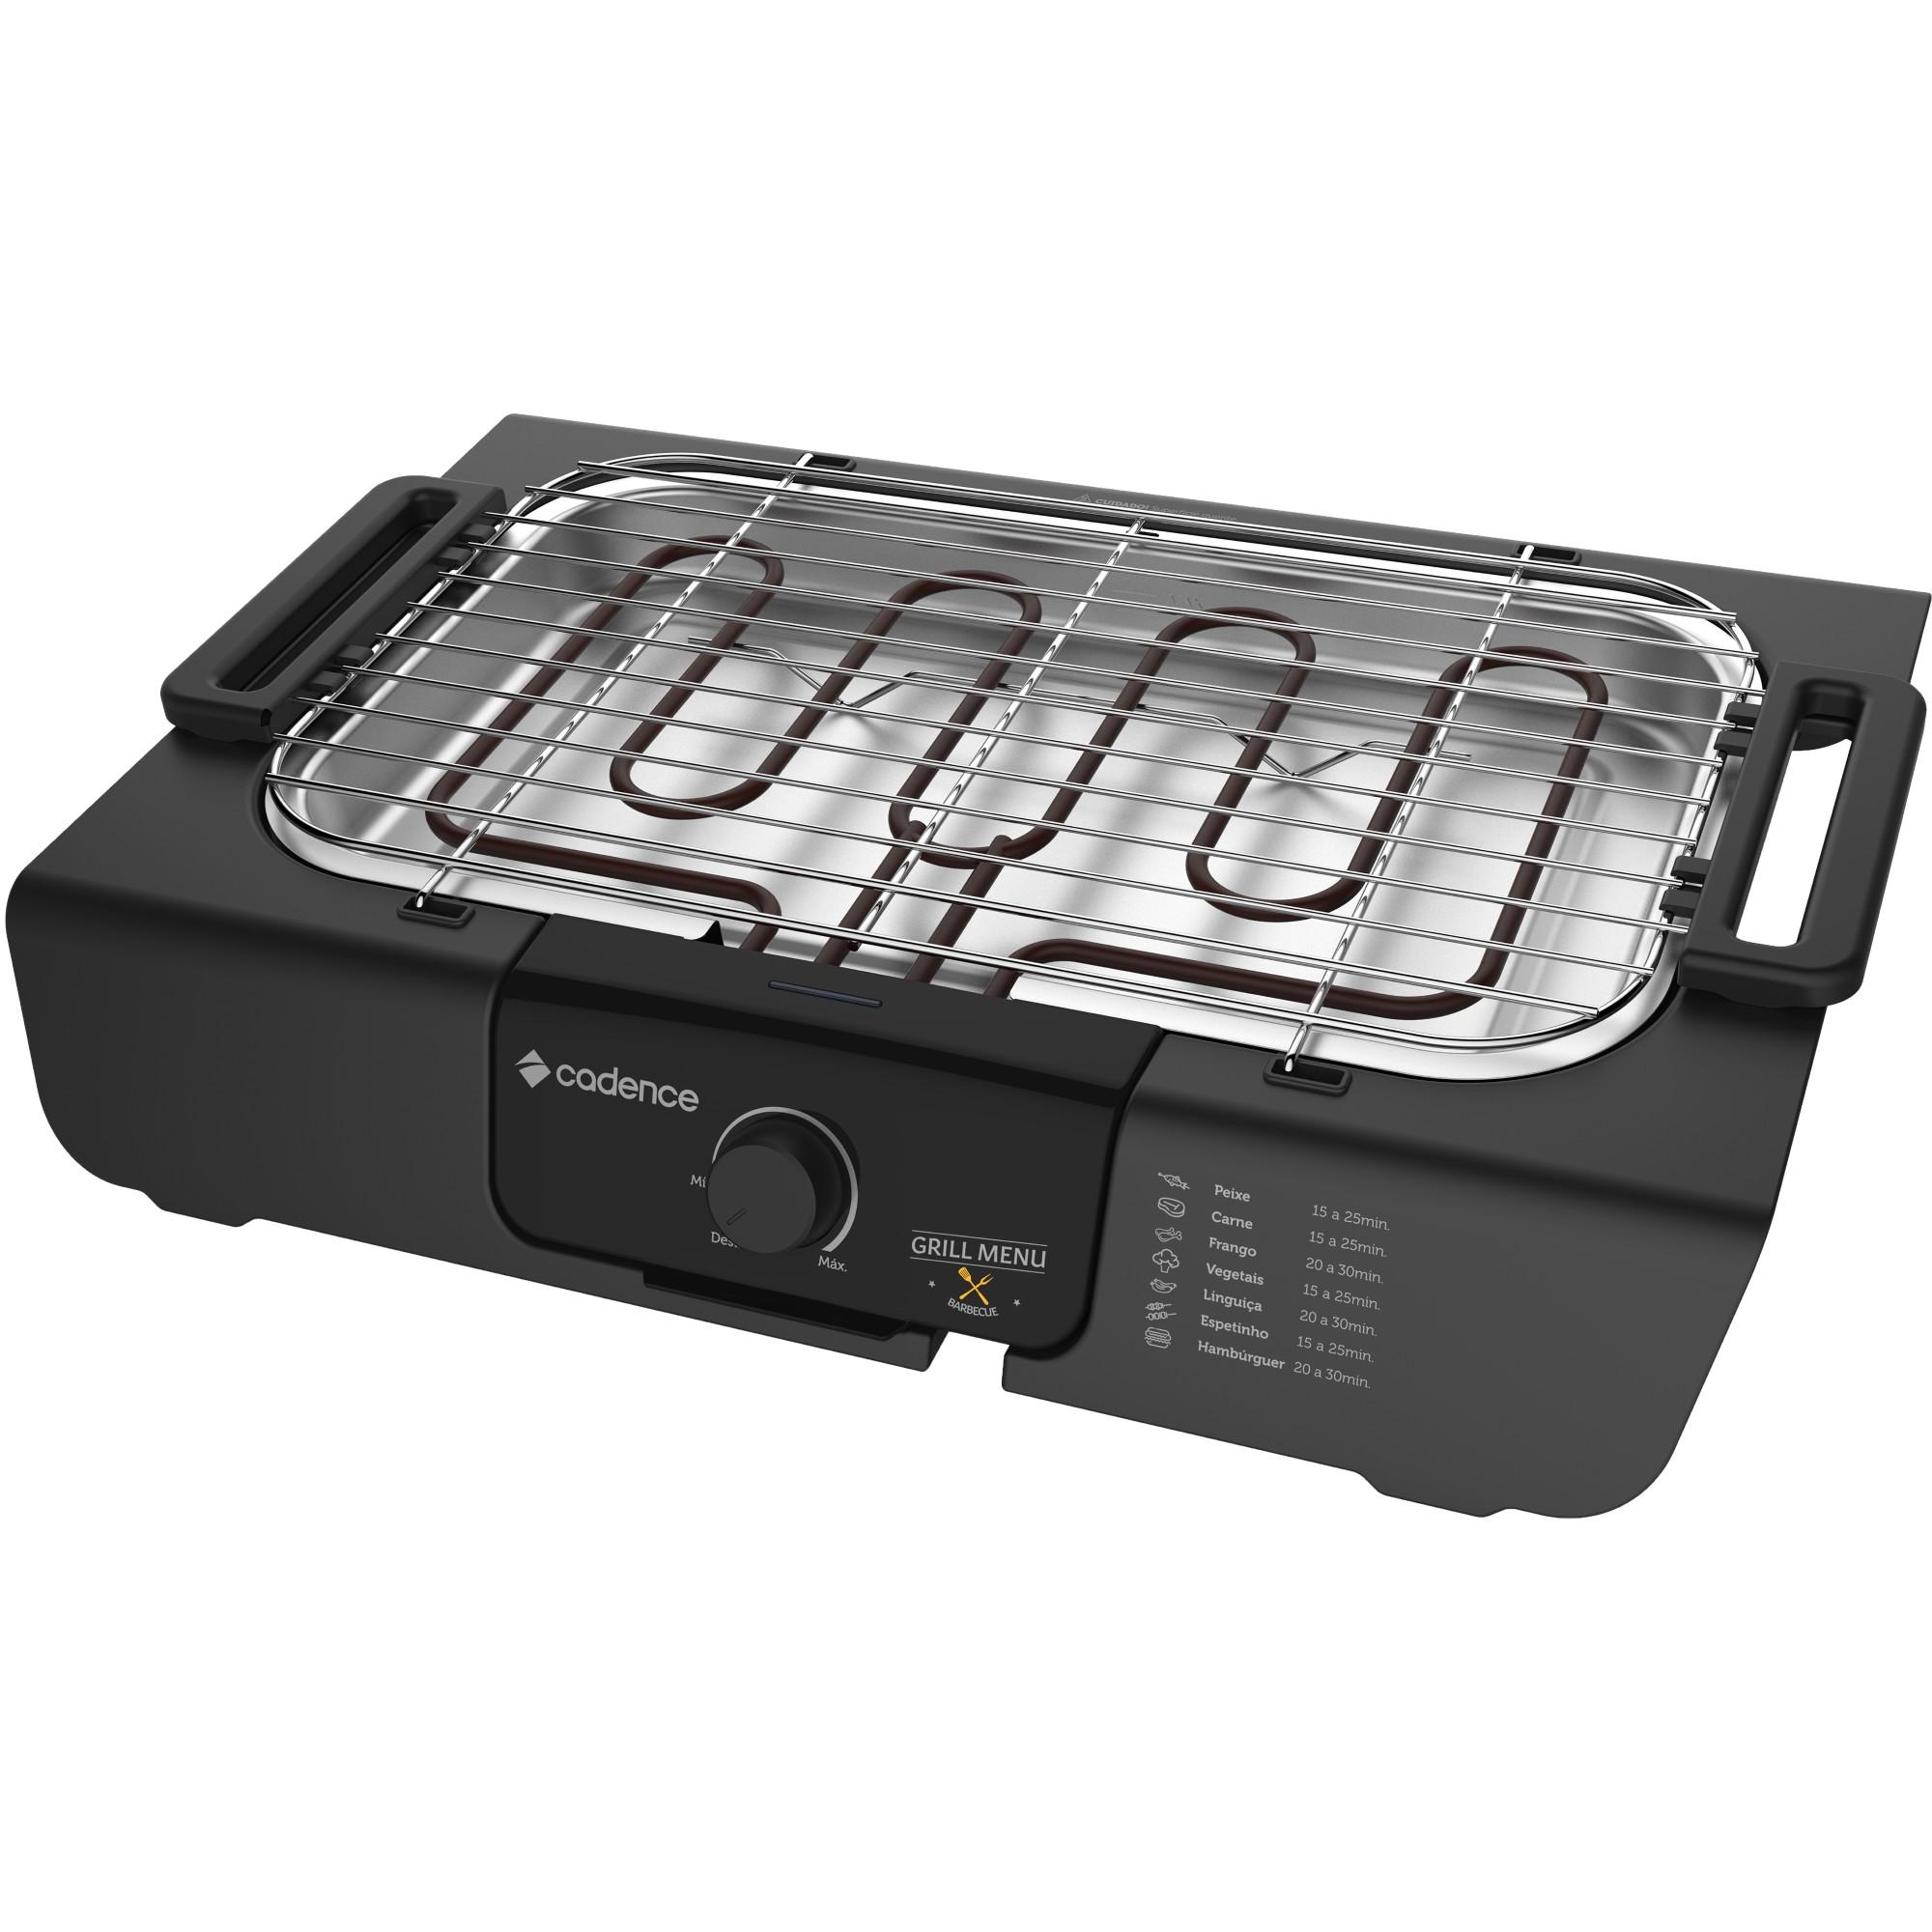 Churrasqueira Eletrica Cadence 220V 2000w com Controle de Temperatura - Preta